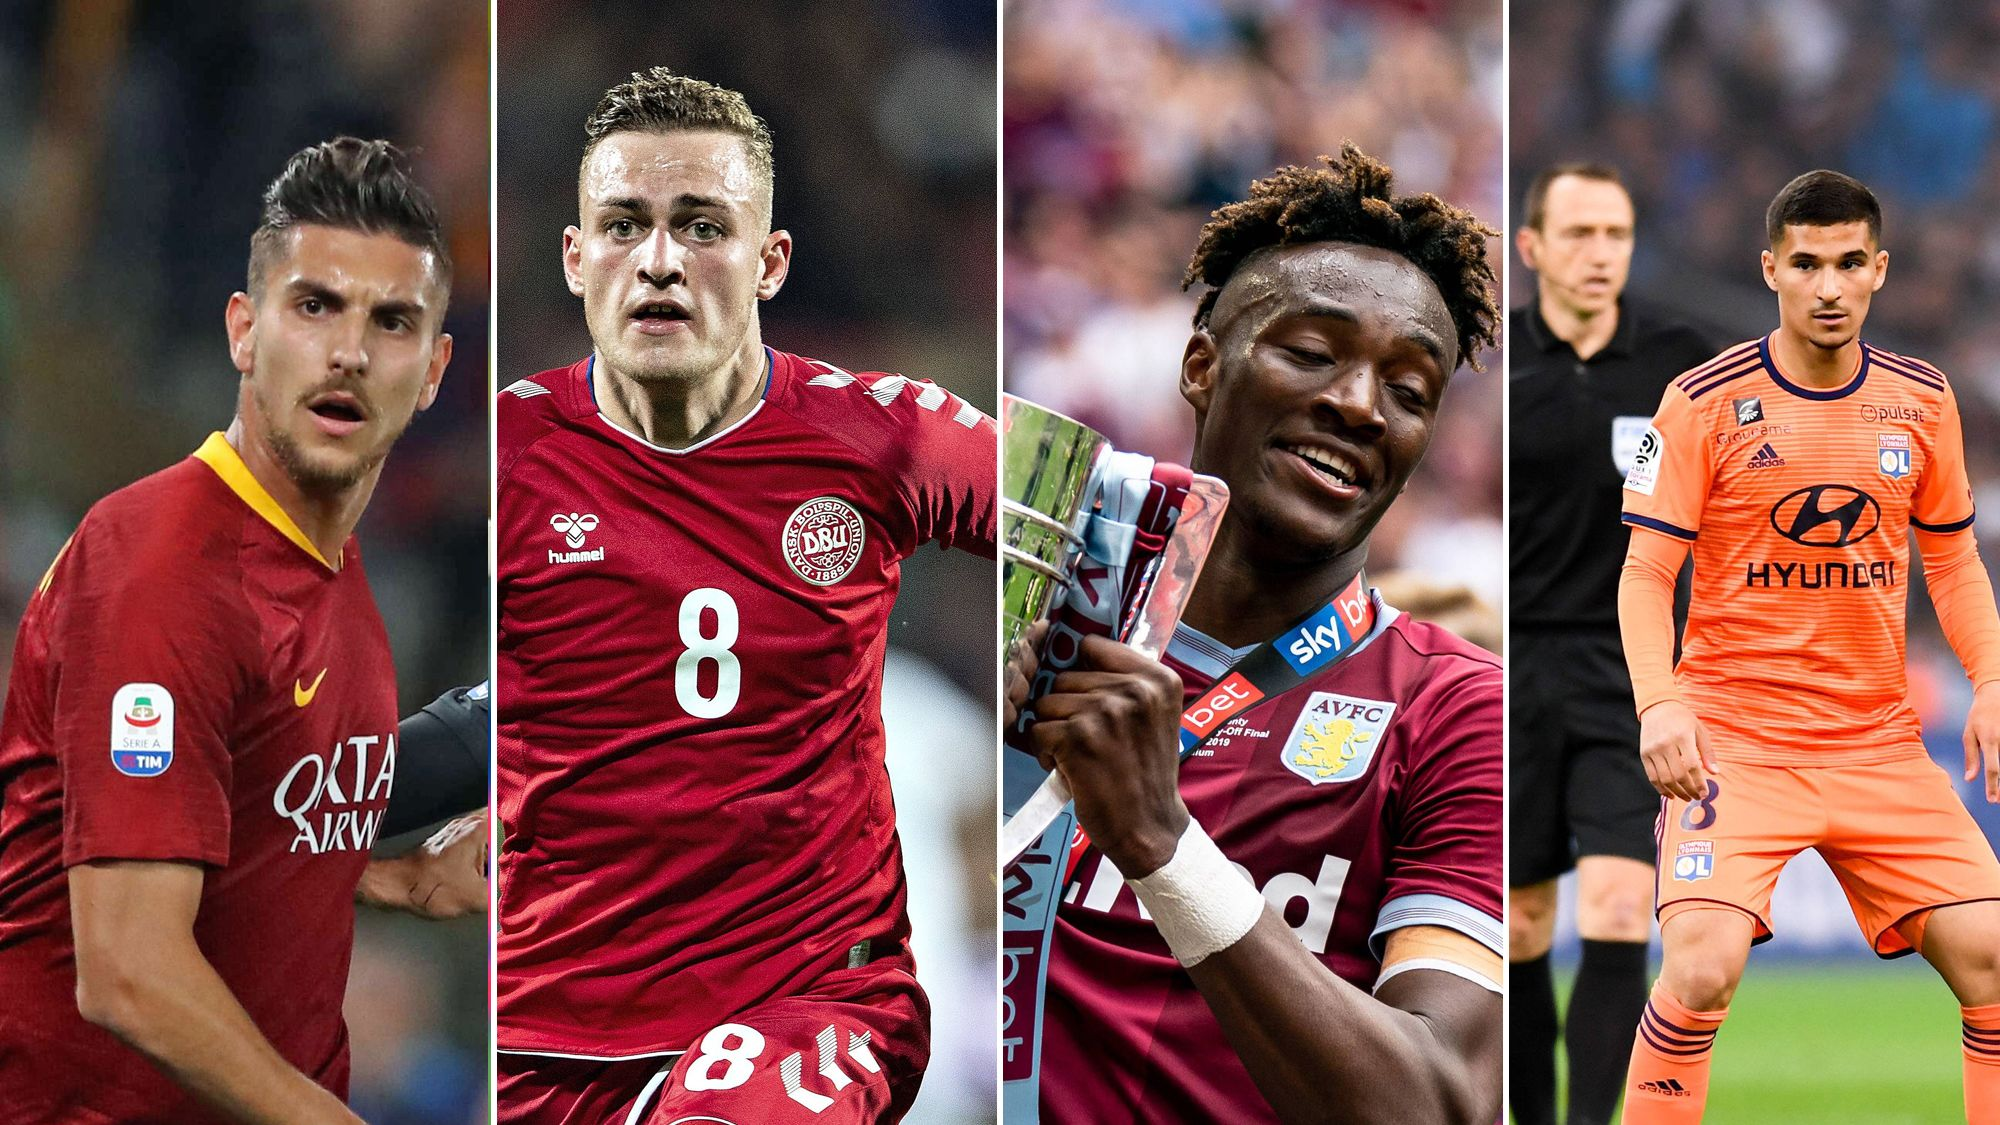 Diese Spieler wollen die U-21-EM gehörig aufmischen - Nationalmannschaft | U21 | Bildergalerie - kicker